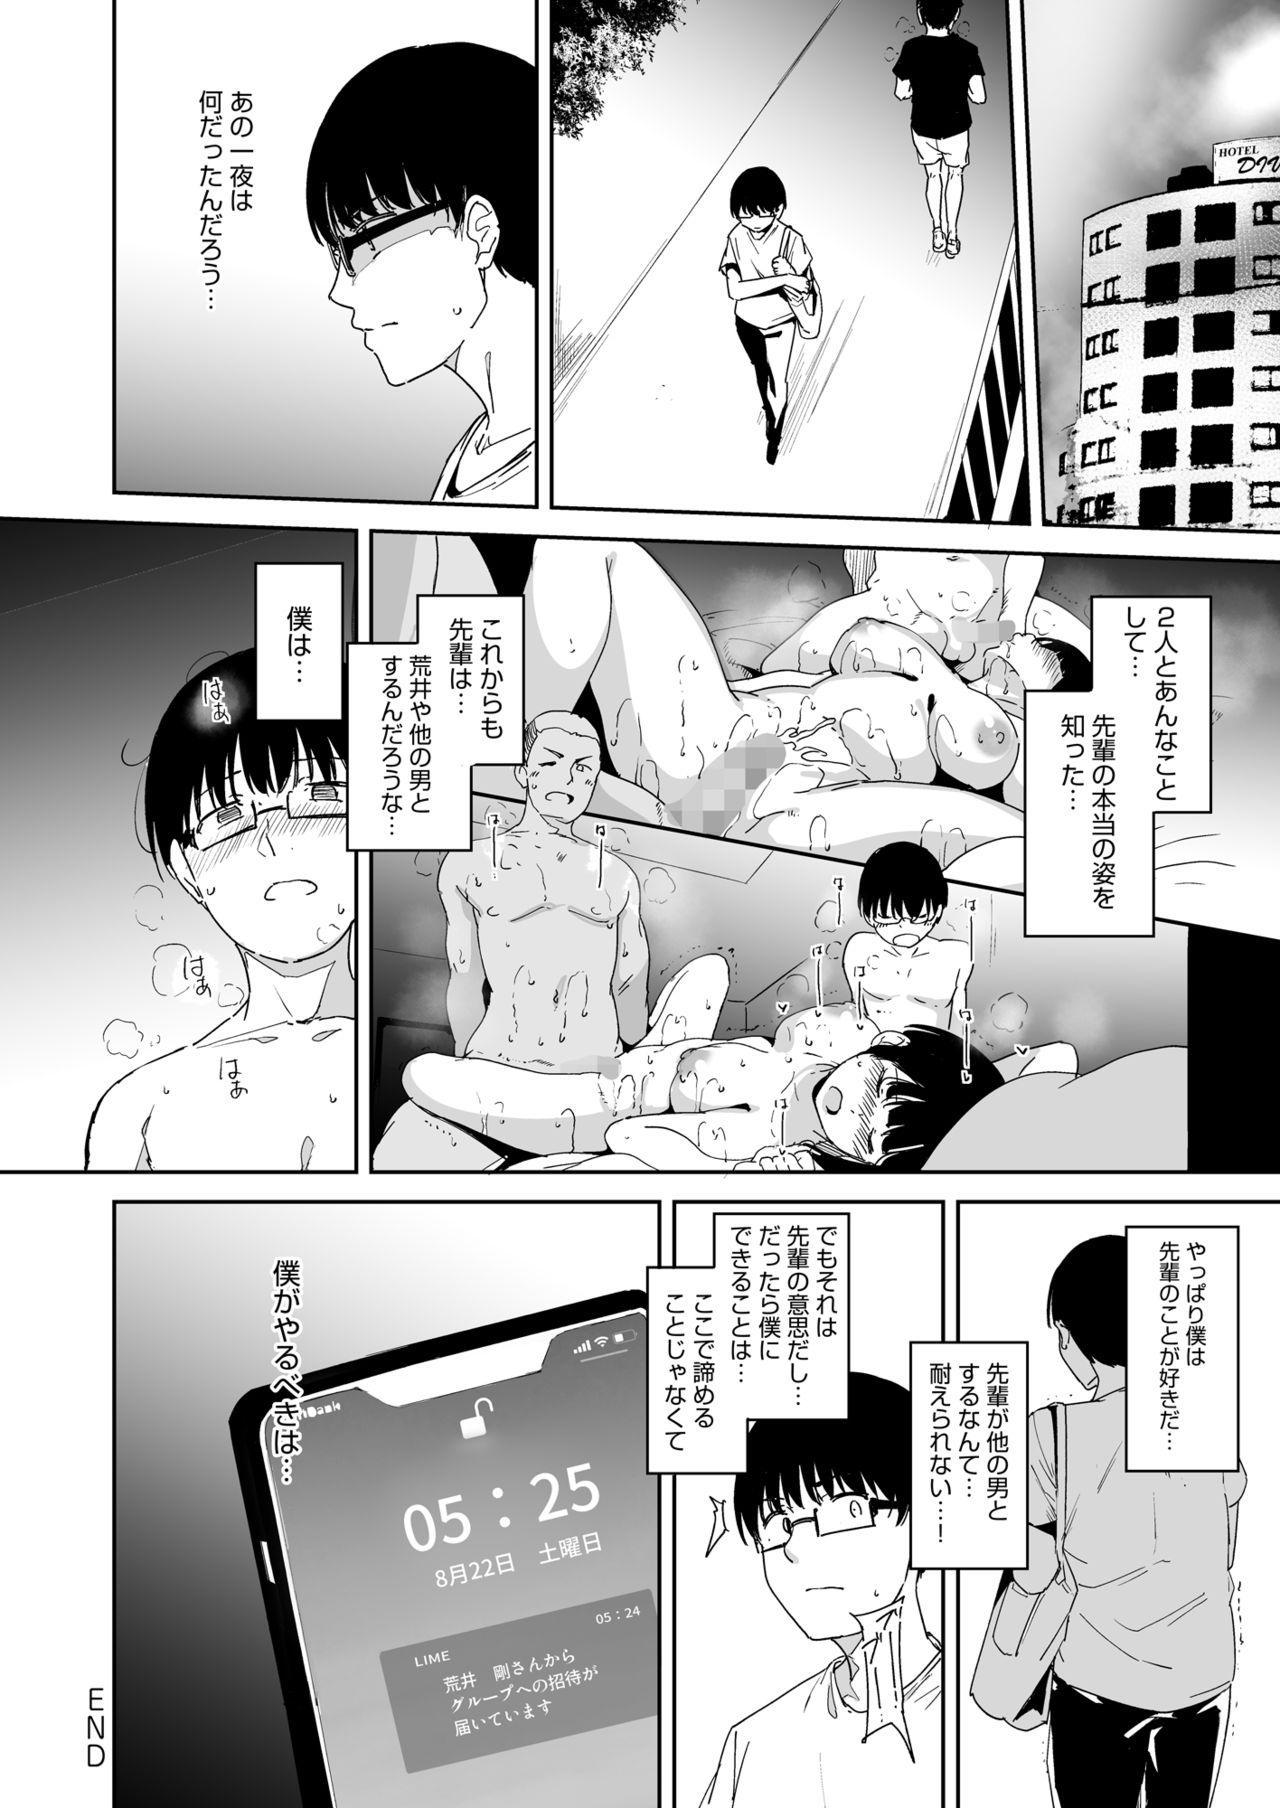 Akogare Kanojo no Risou to Genjitsu 48